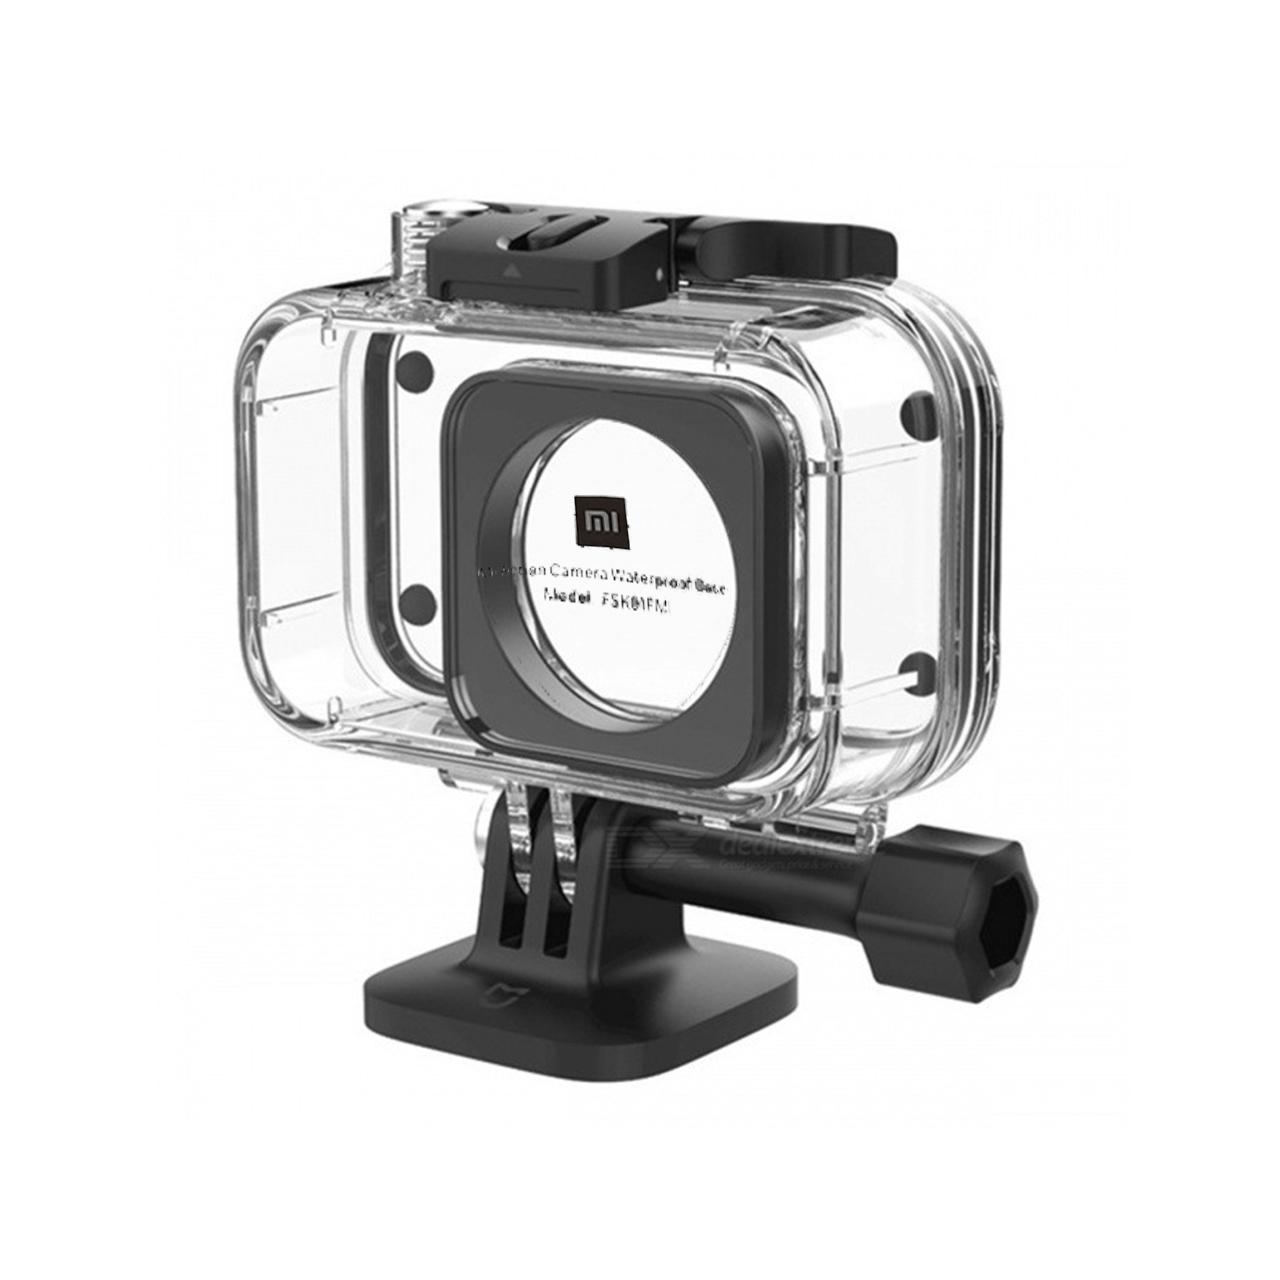 کاور ضد آب شیائومی مدل FSK01FM مناسب برای دوربین ورزشی میجیا  4K